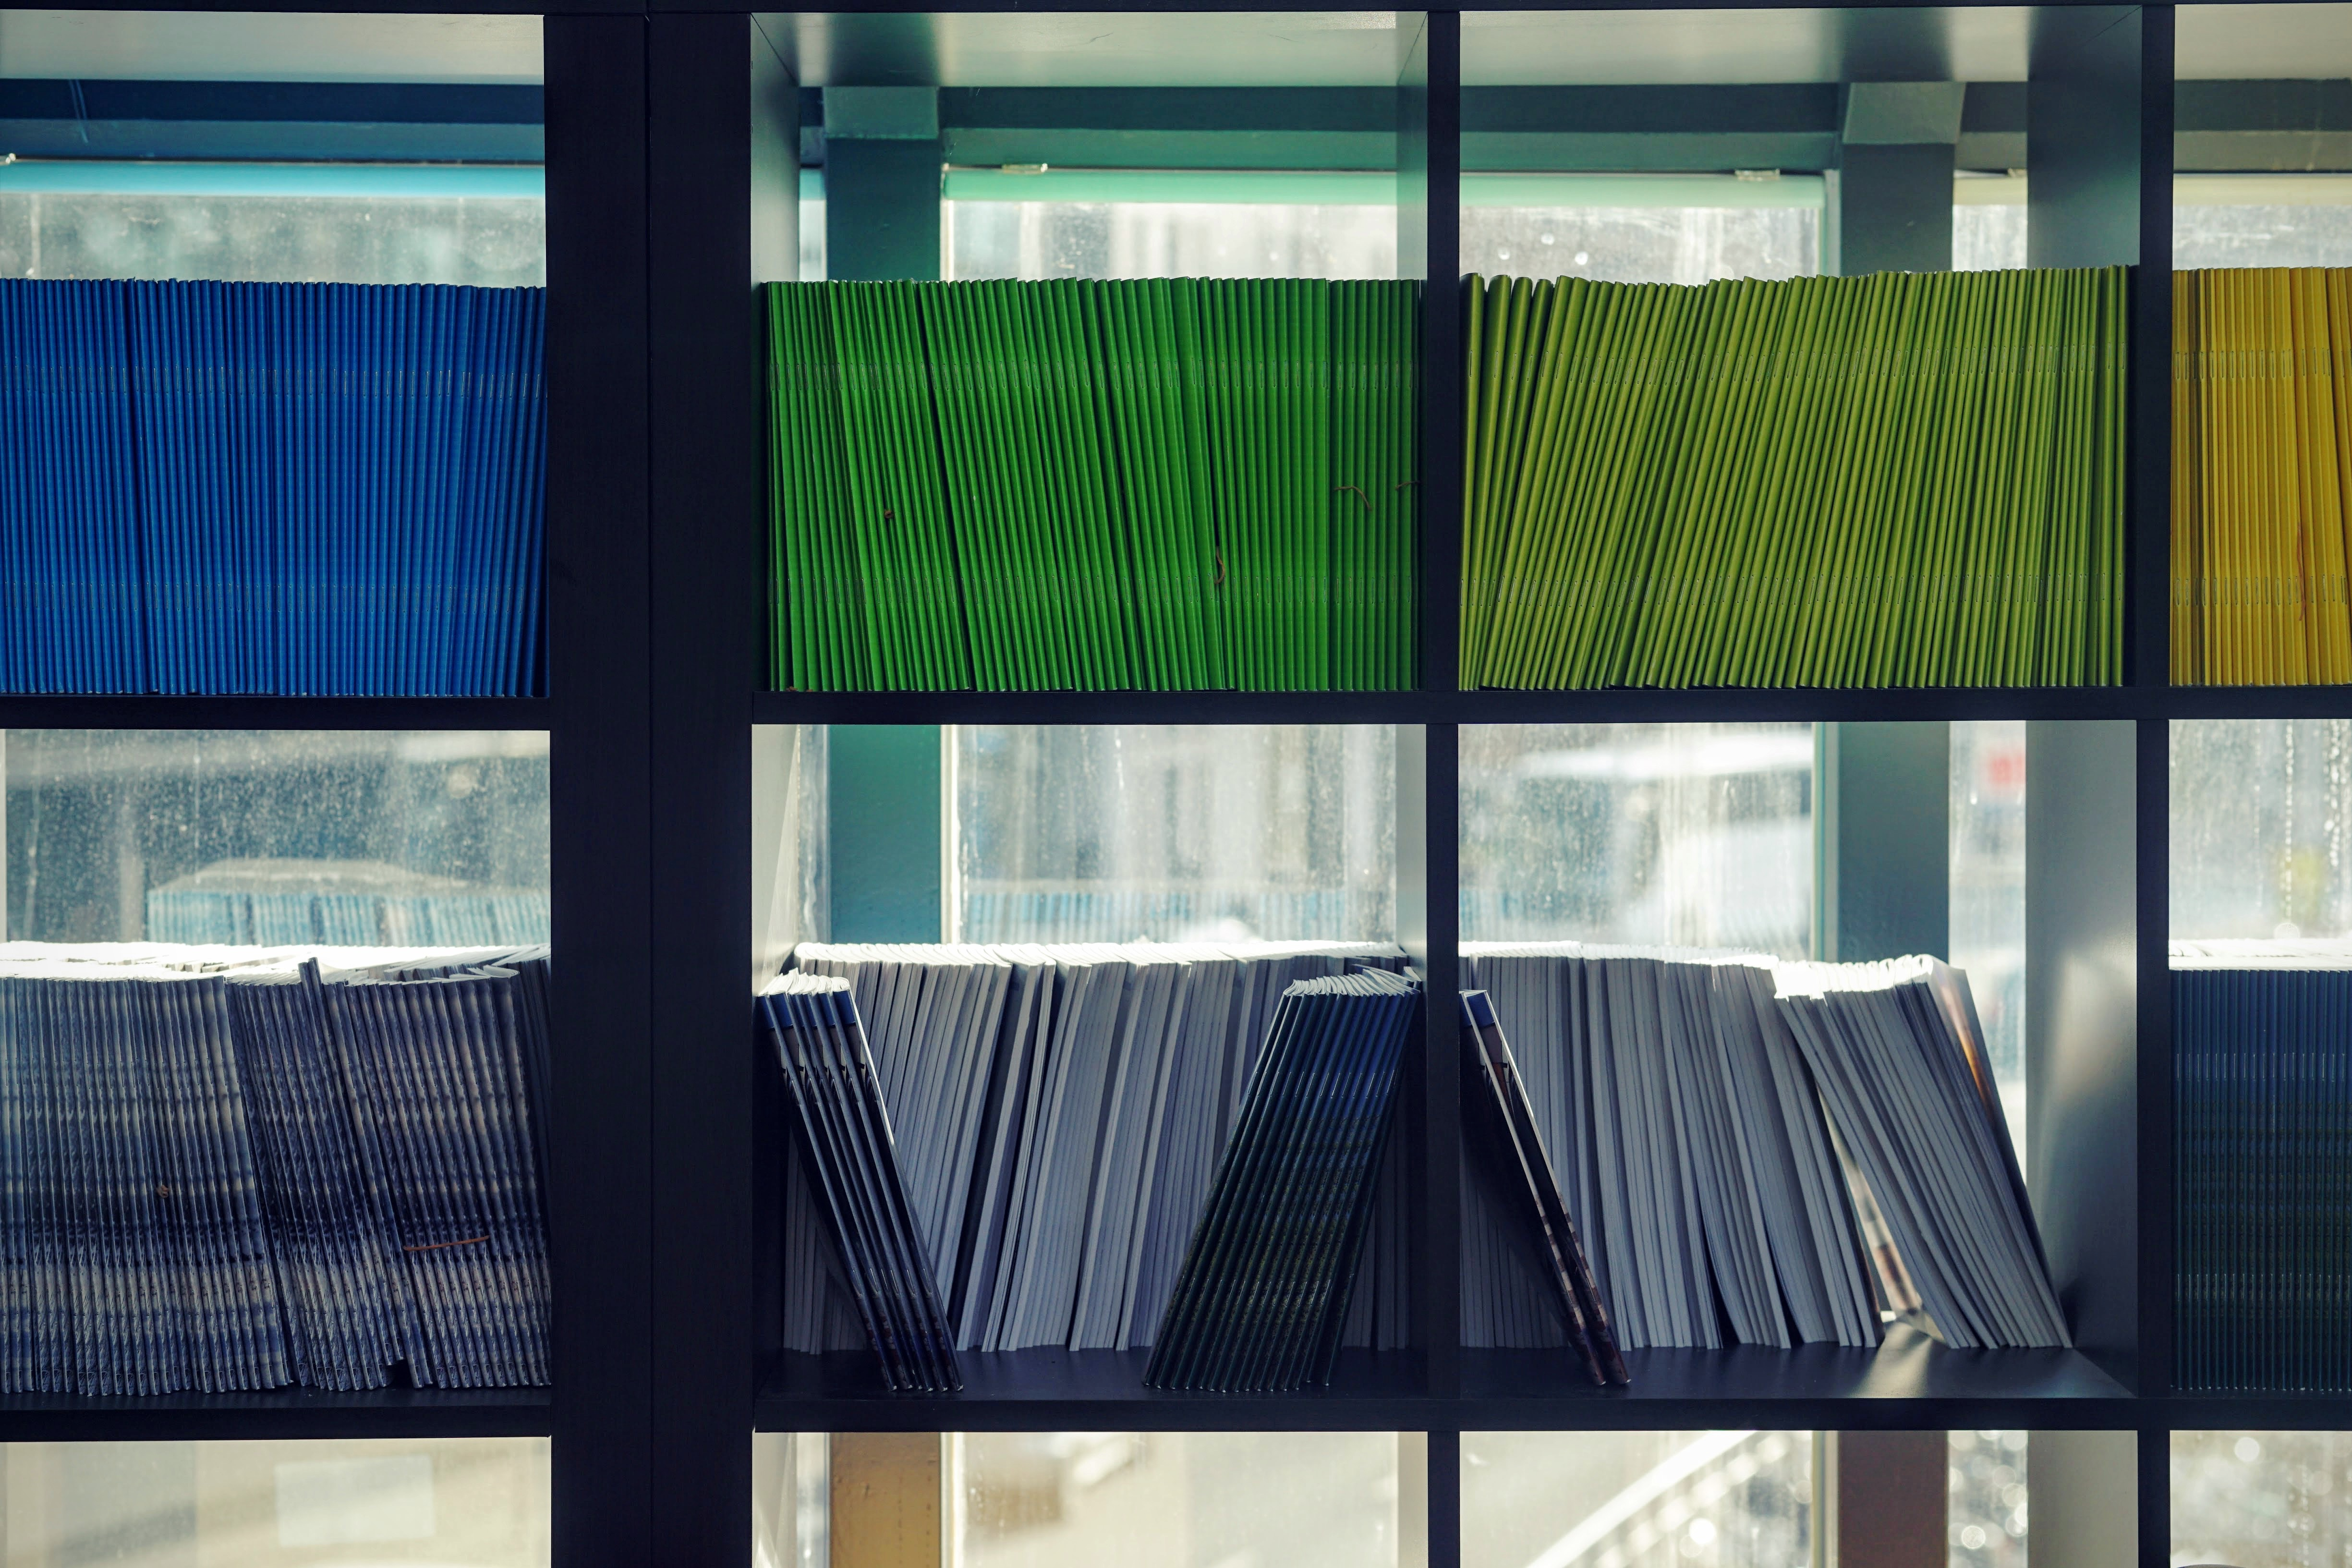 Books on a shelf in a window